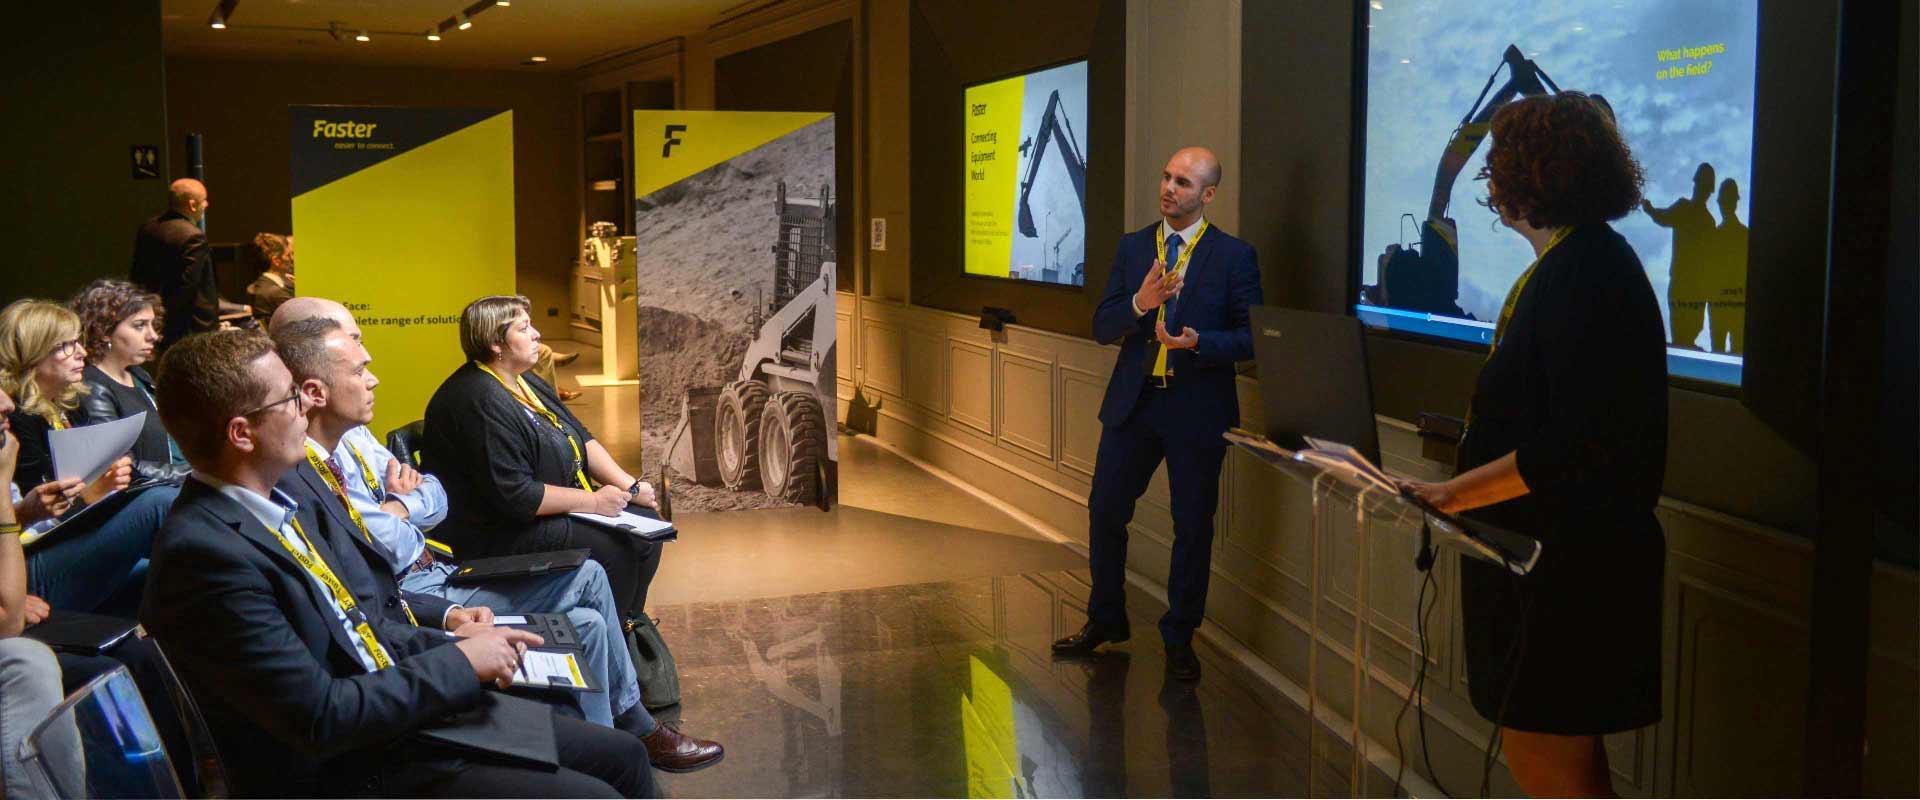 CEO e manager aziende clienti settore construction Faster partecipano a evento organizzato da ATC al Bou-Tek